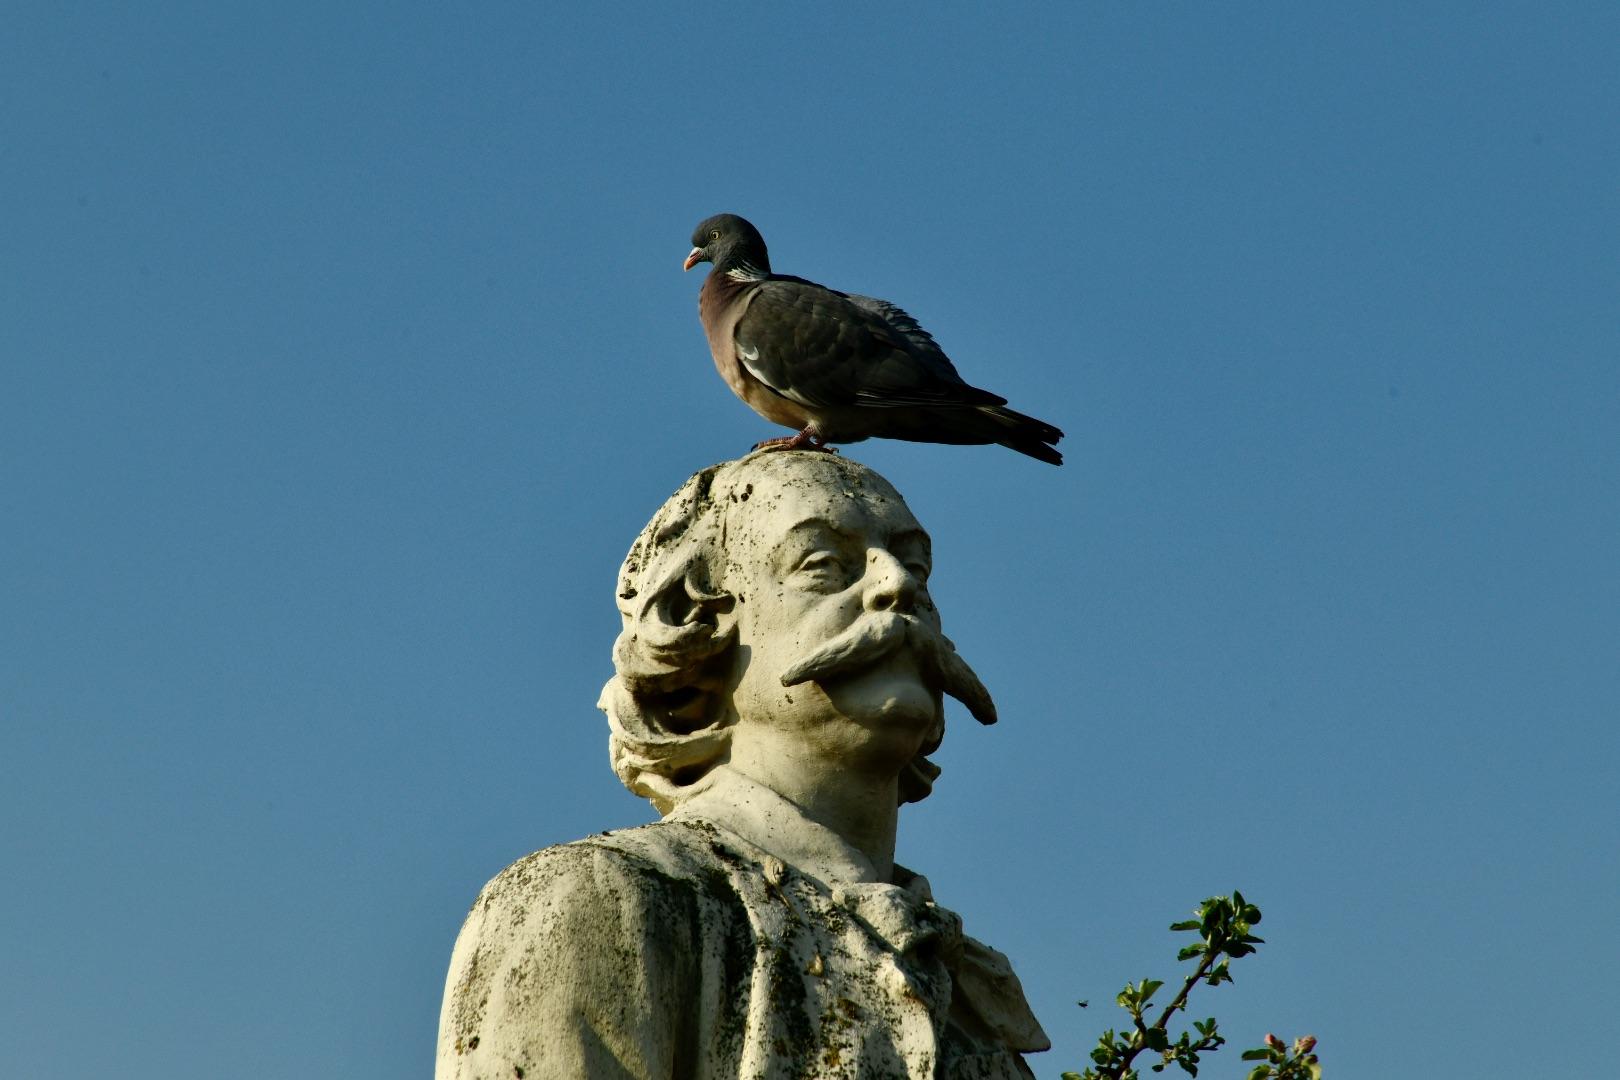 Gustave et le pigeon